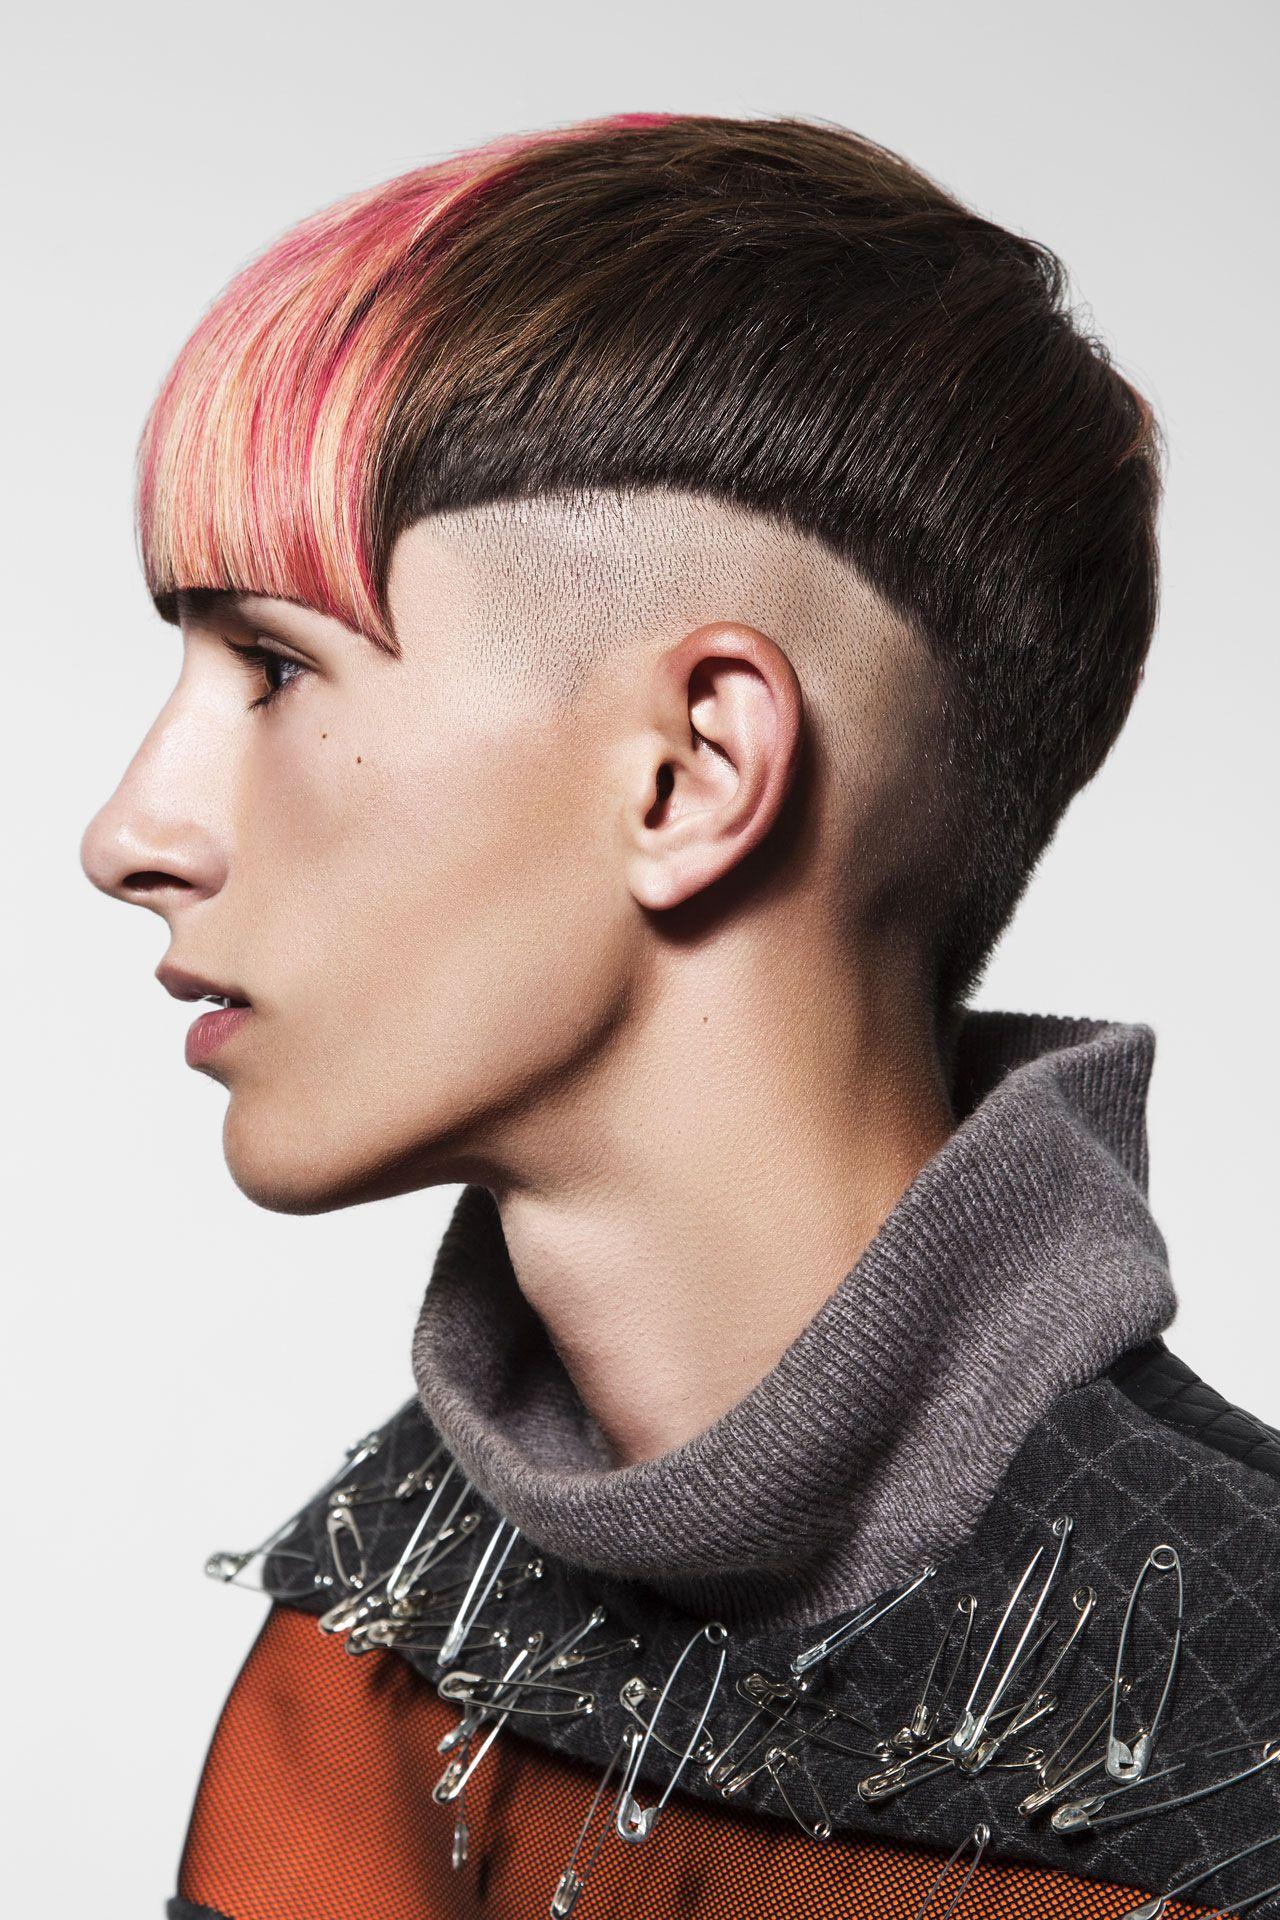 Metal Frisuren Kollektion Von Salones Carlos Valiente